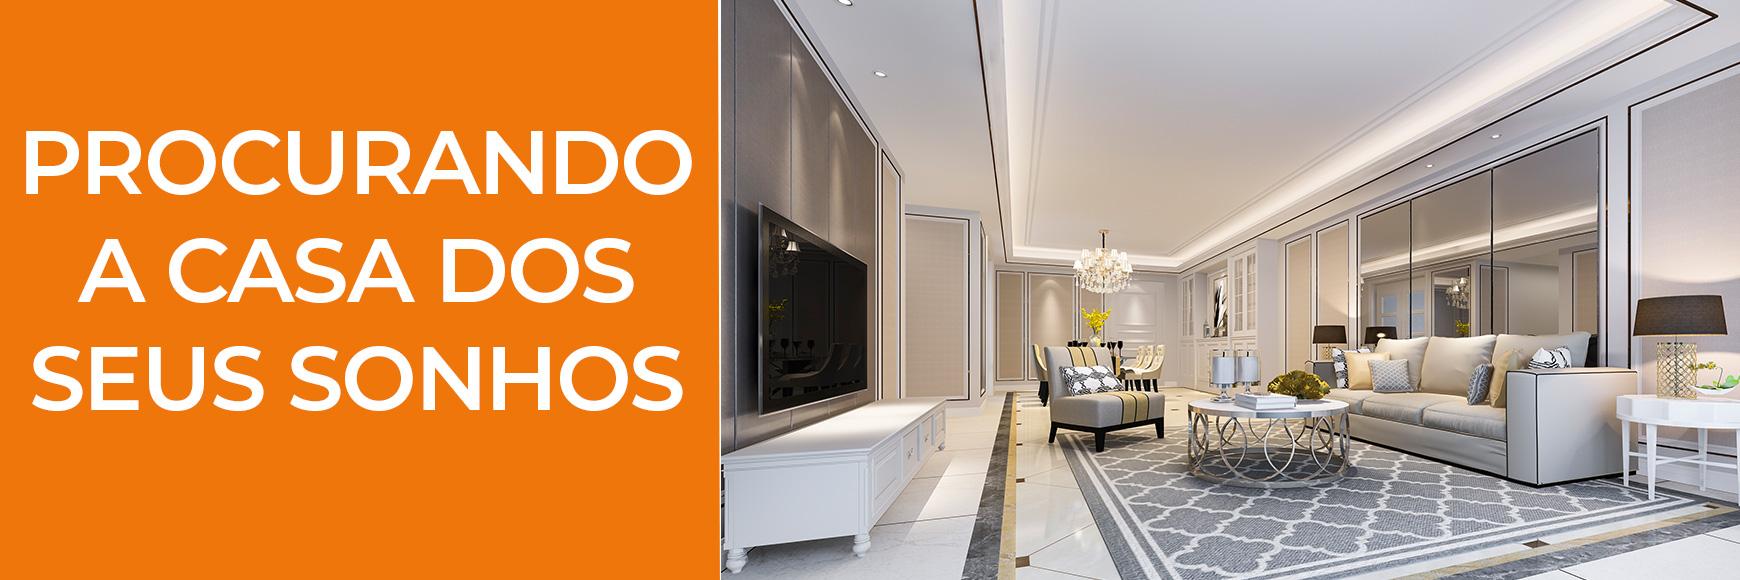 Procurando a casa dos seus sonhos-Banner-Orlando Homes Sales